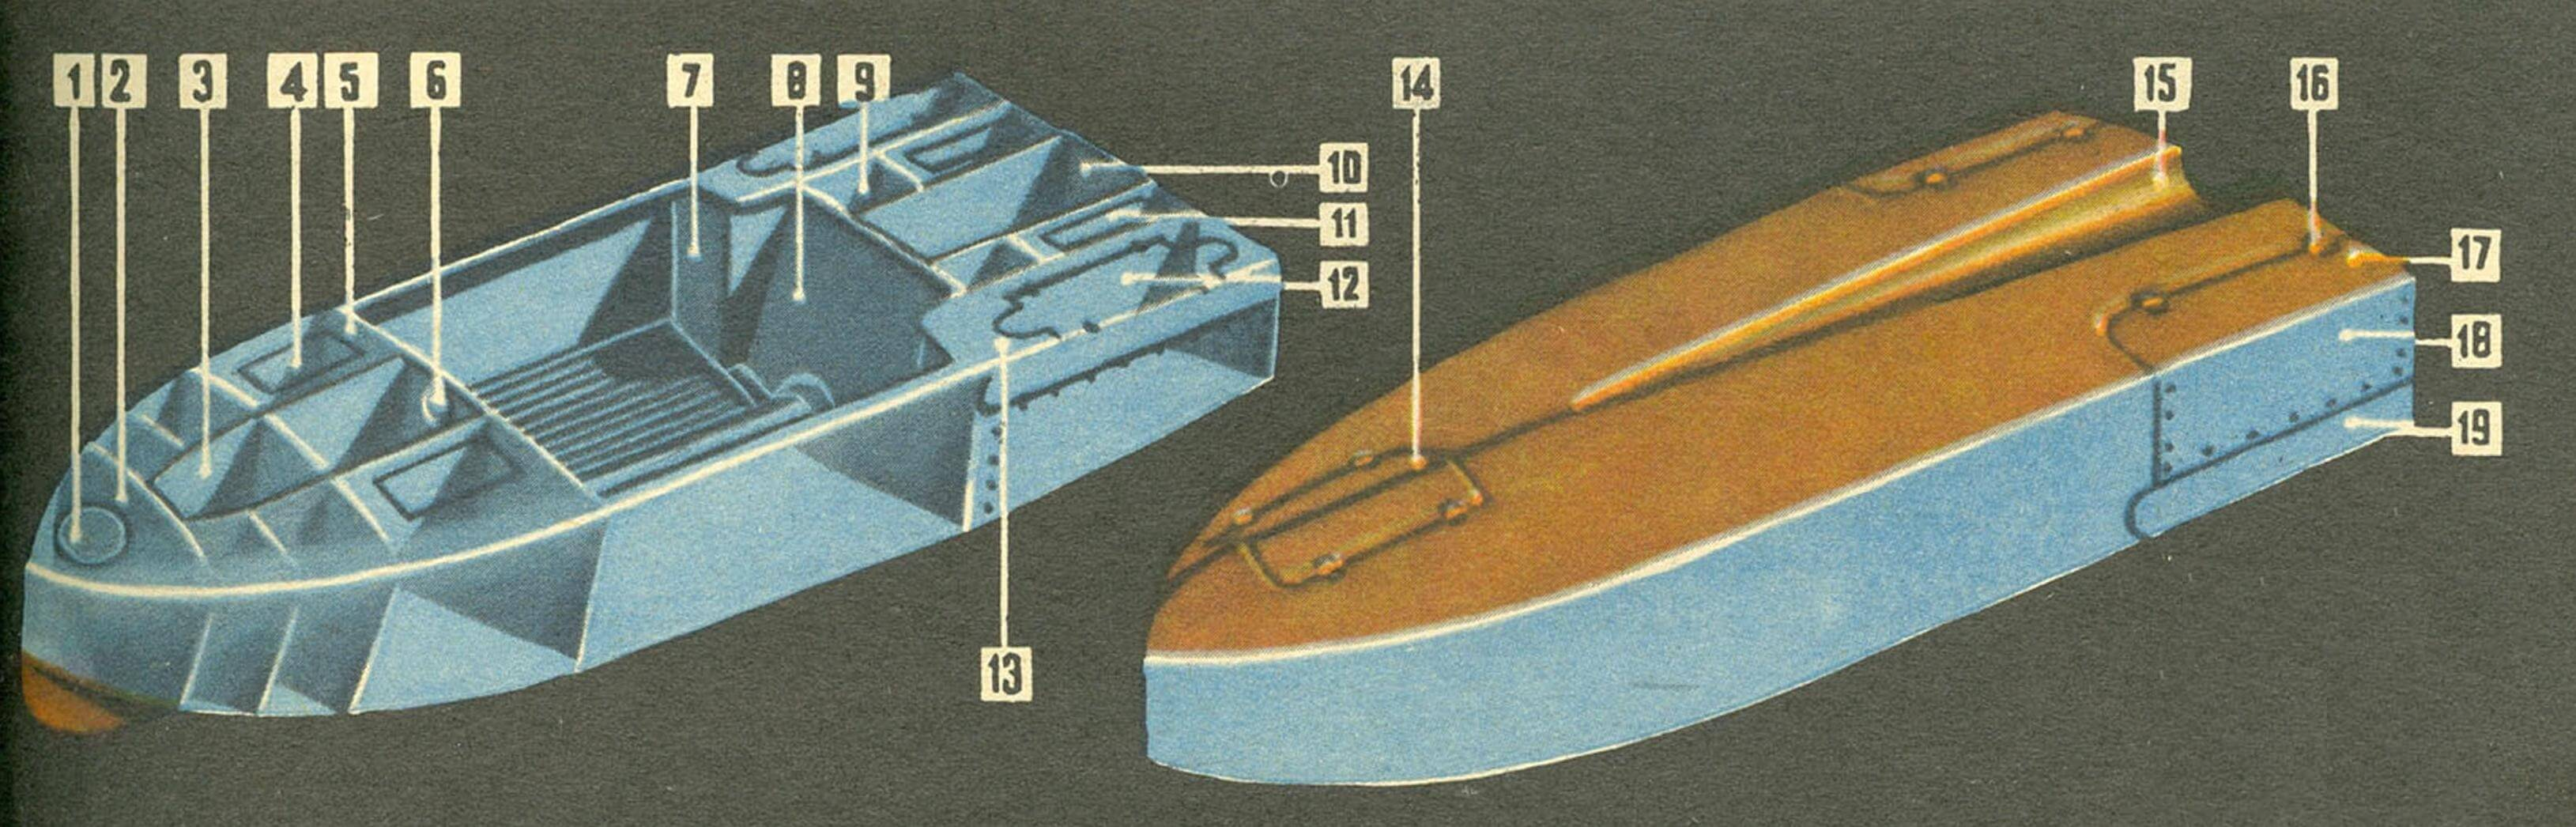 Корпус лодки-амфибии: 1 — люк носового отсека, 2 — носовой отсек, 3 — люк носового колеса, 4 — лючок 4-го гермоотсека, 5 — палуба, 6 — люк рулевого управления, 7 — усиление корпуса, 8 — стенка заднего гермоотсека, 9 — люк доступа к моторному отсеку, 10 — моторный отсек, 11 — усиления кожуха, 12 — люки задних колес, 13 — кожух, 14 — люк носового колеса, 15 — желоб, 16 — петли люков задних колес 17-18 — откидная створка для монтажа заднего колеса, 19 — съемная часть обшивки корпуса.